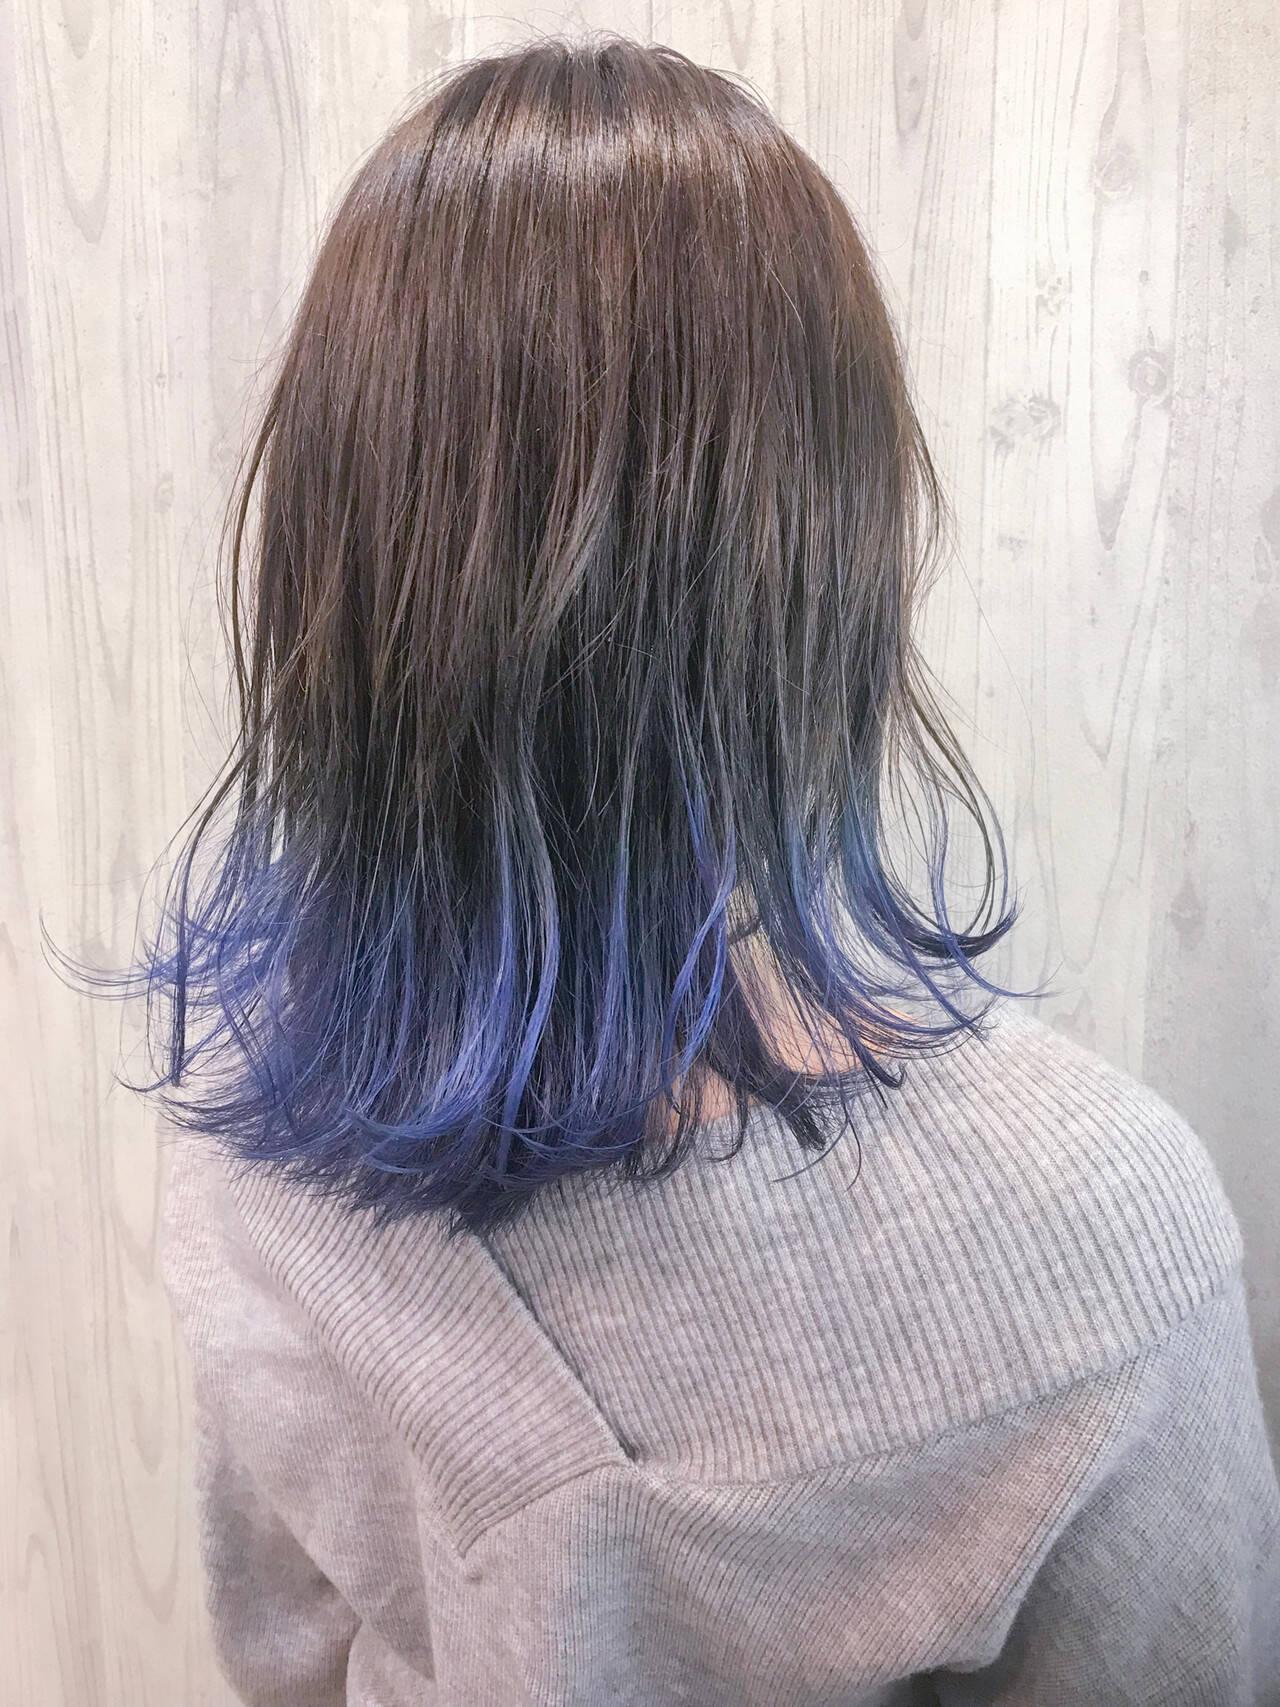 ブリーチカラー 裾カラー 外国人風 モードヘアスタイルや髪型の写真・画像